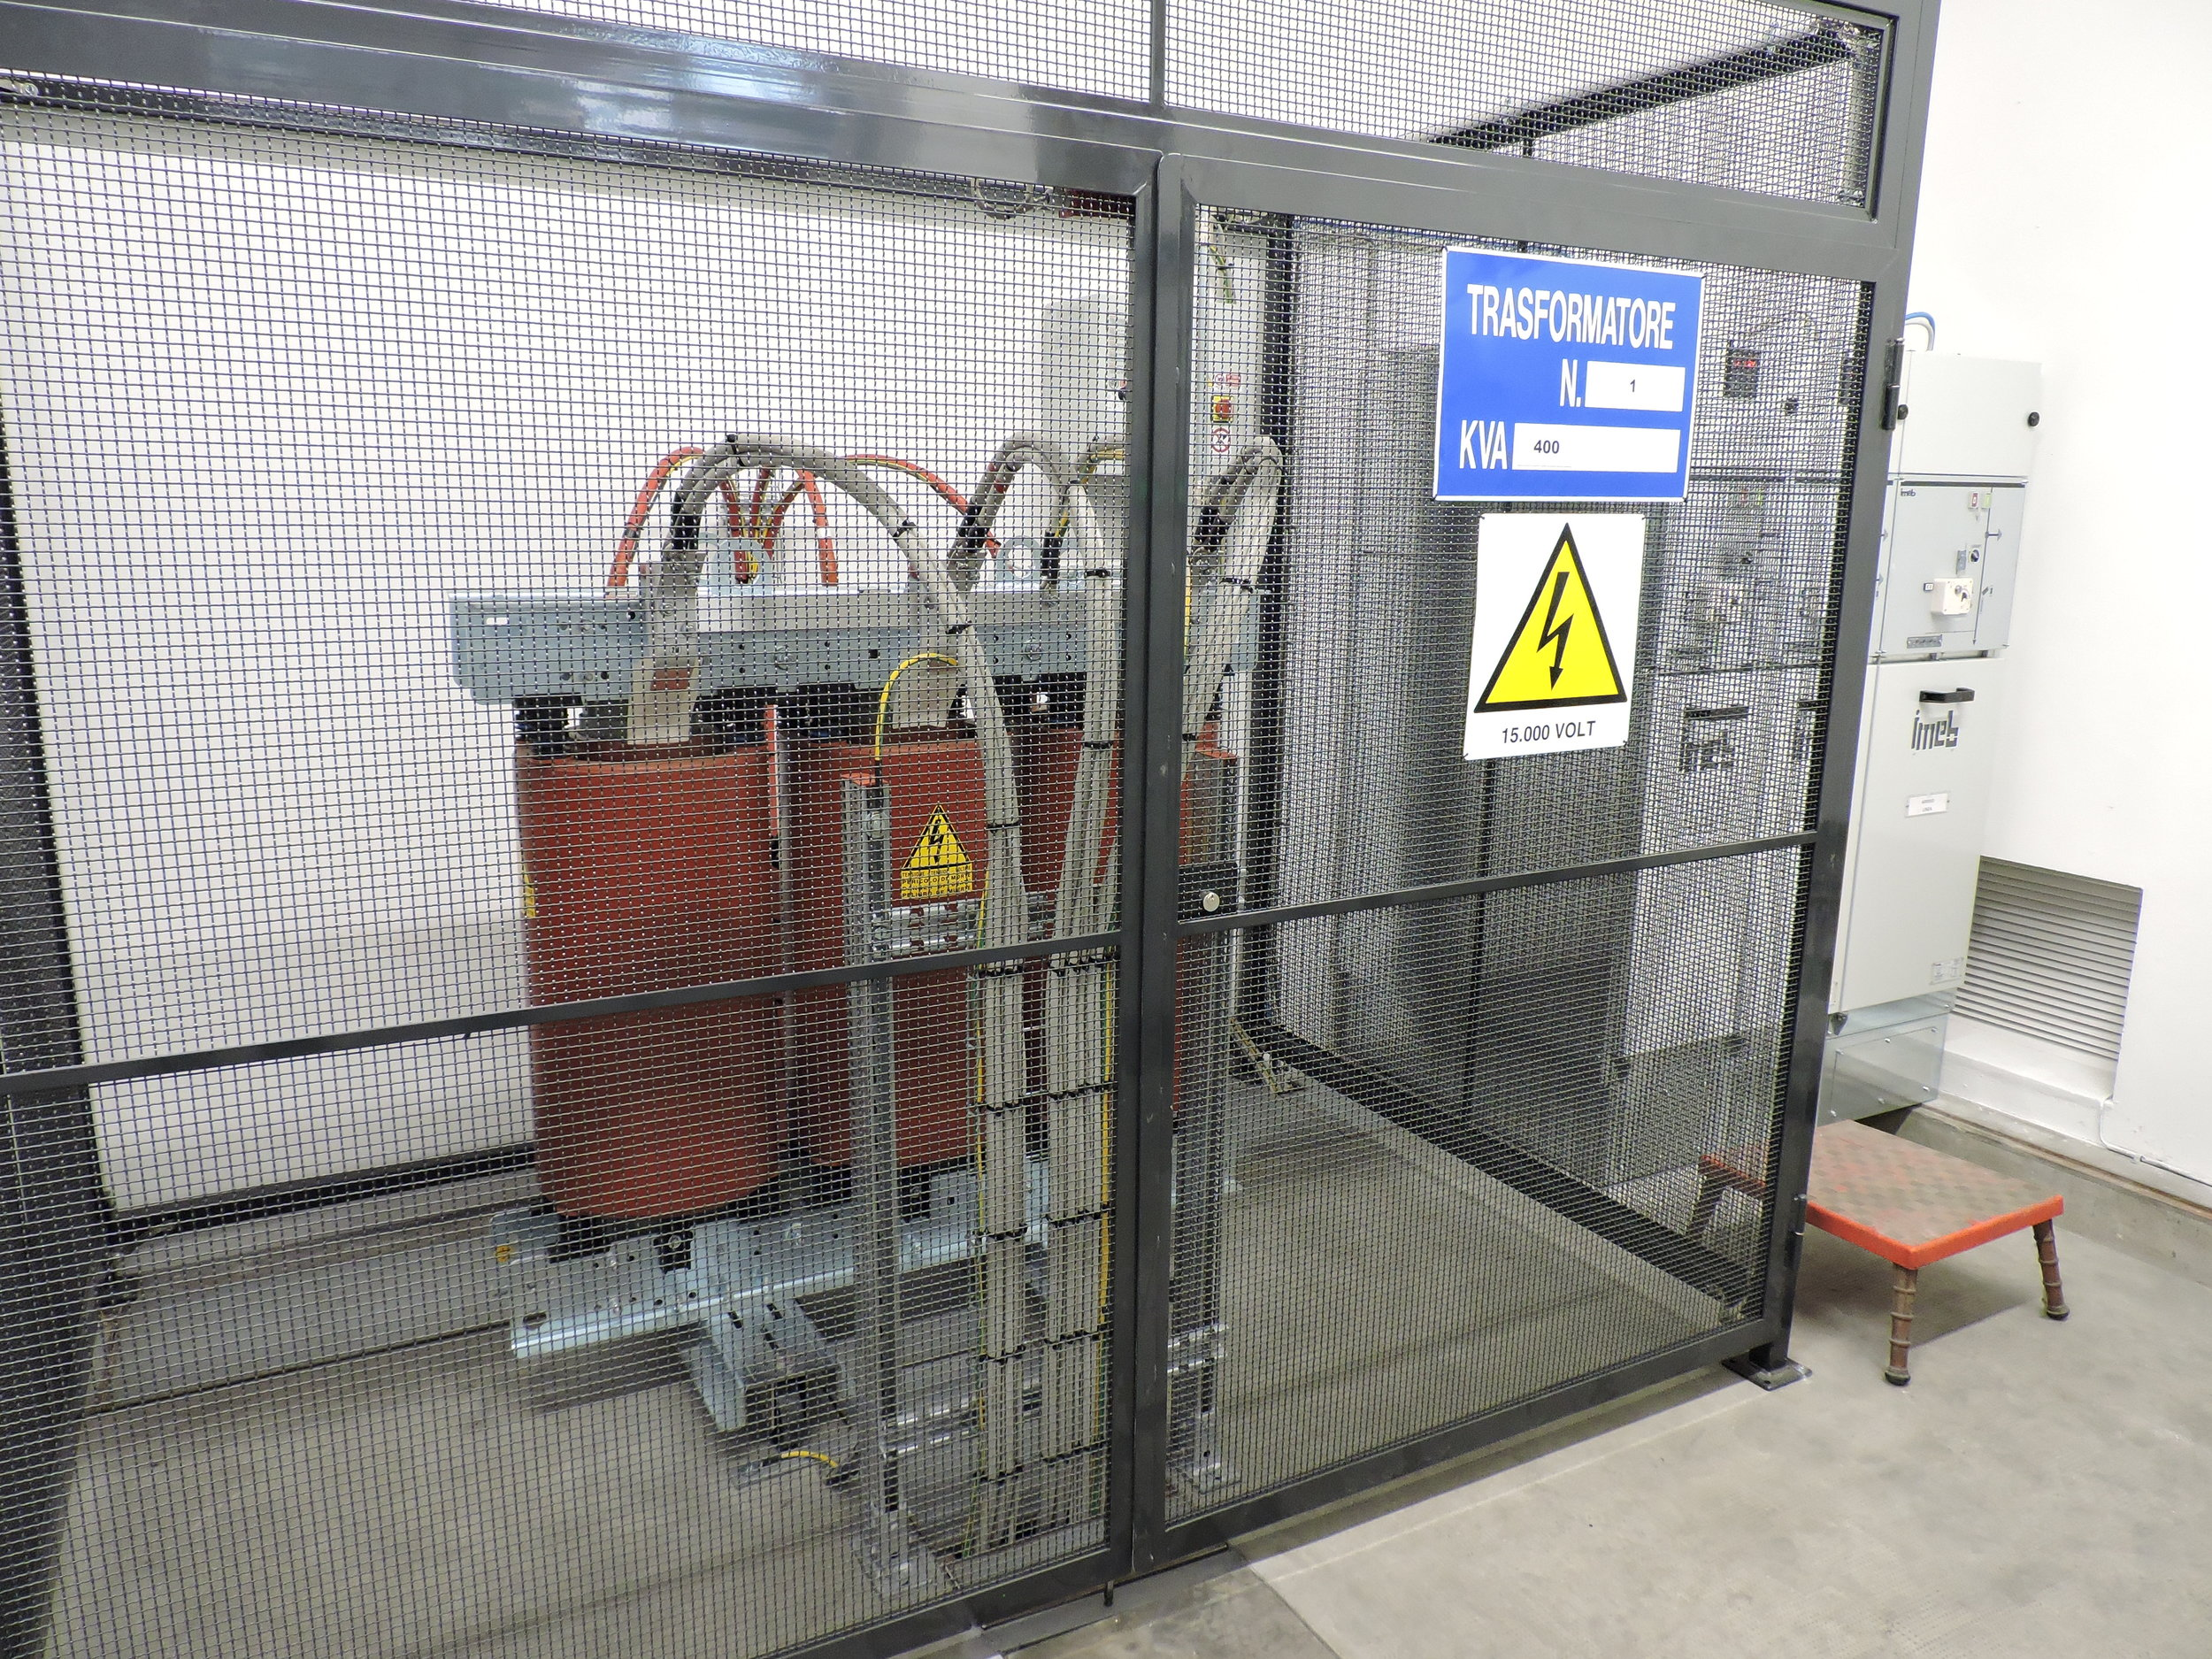 sirp impianti elettrici cabine elettriche cuneo cherasco piemonte progettazione installazione manutenzione sistemi elettriciDSCN1756.JPG